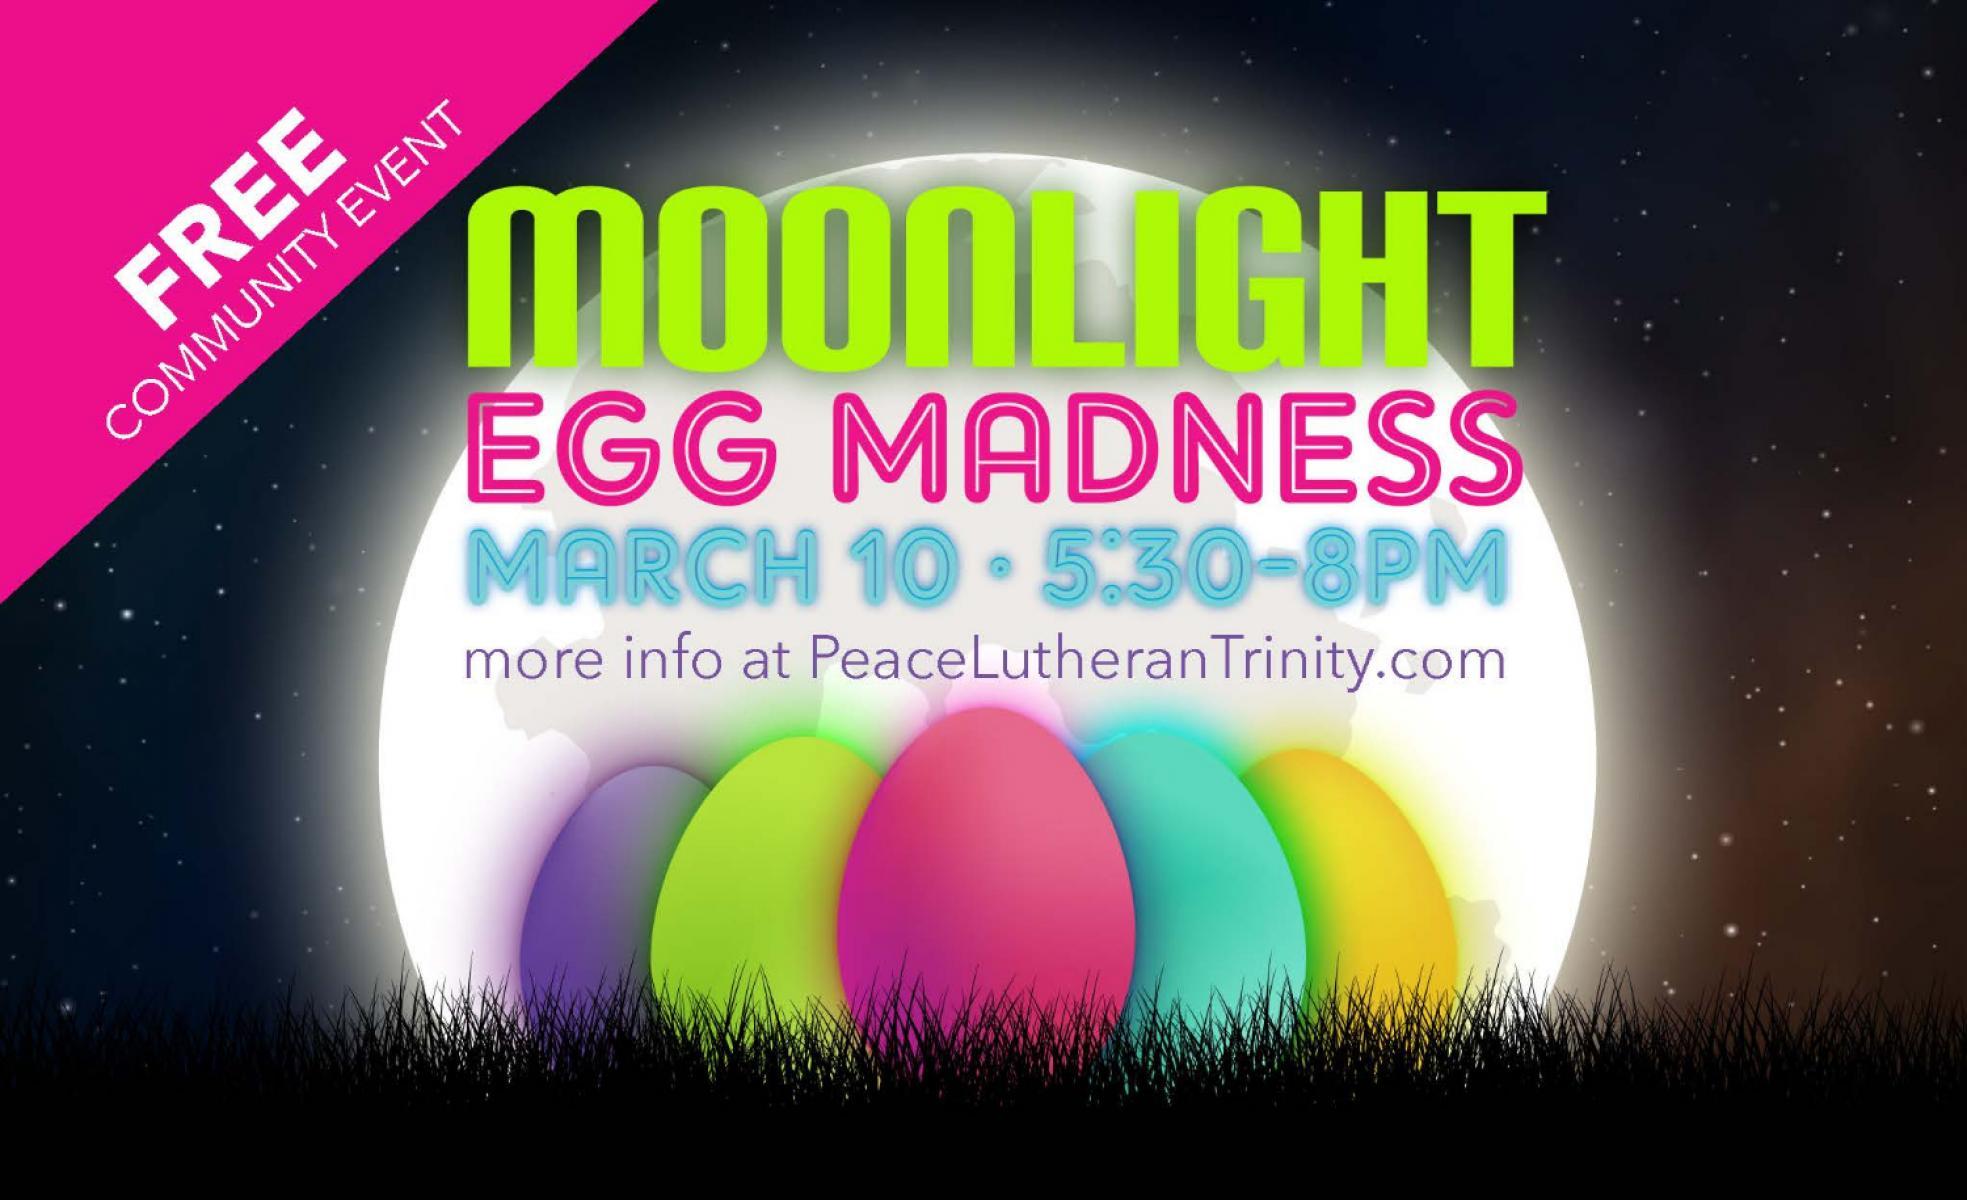 Moonlight Egg Madness